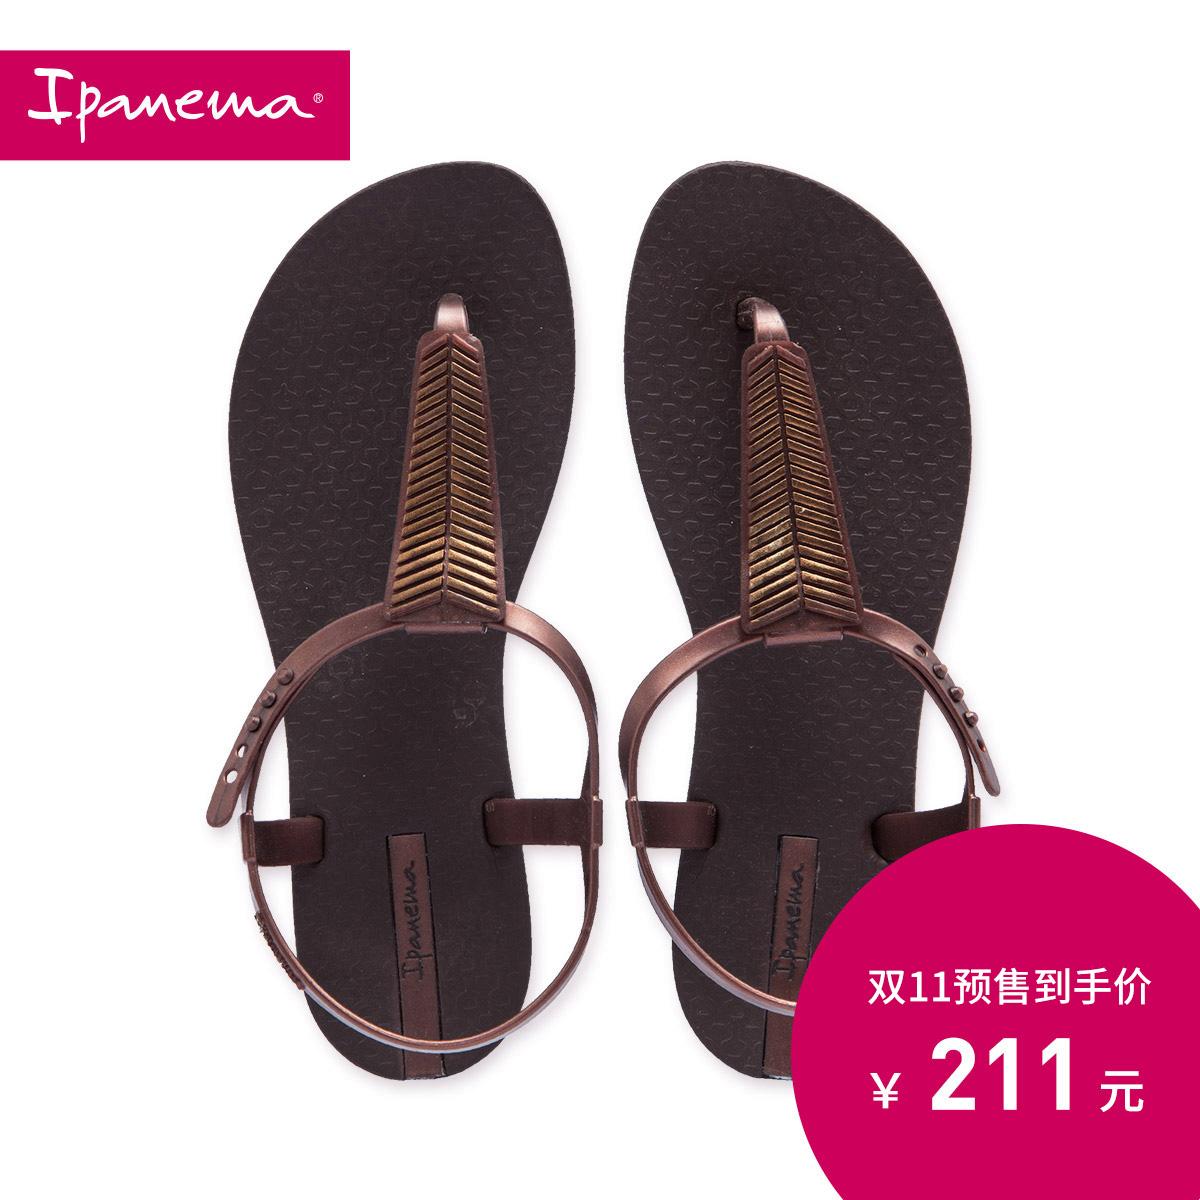 罗马女凉鞋 Ipanema依帕内玛凉鞋女夏  平底罗马风人字拖  百搭棕色沙滩鞋_推荐淘宝好看的女罗马凉鞋